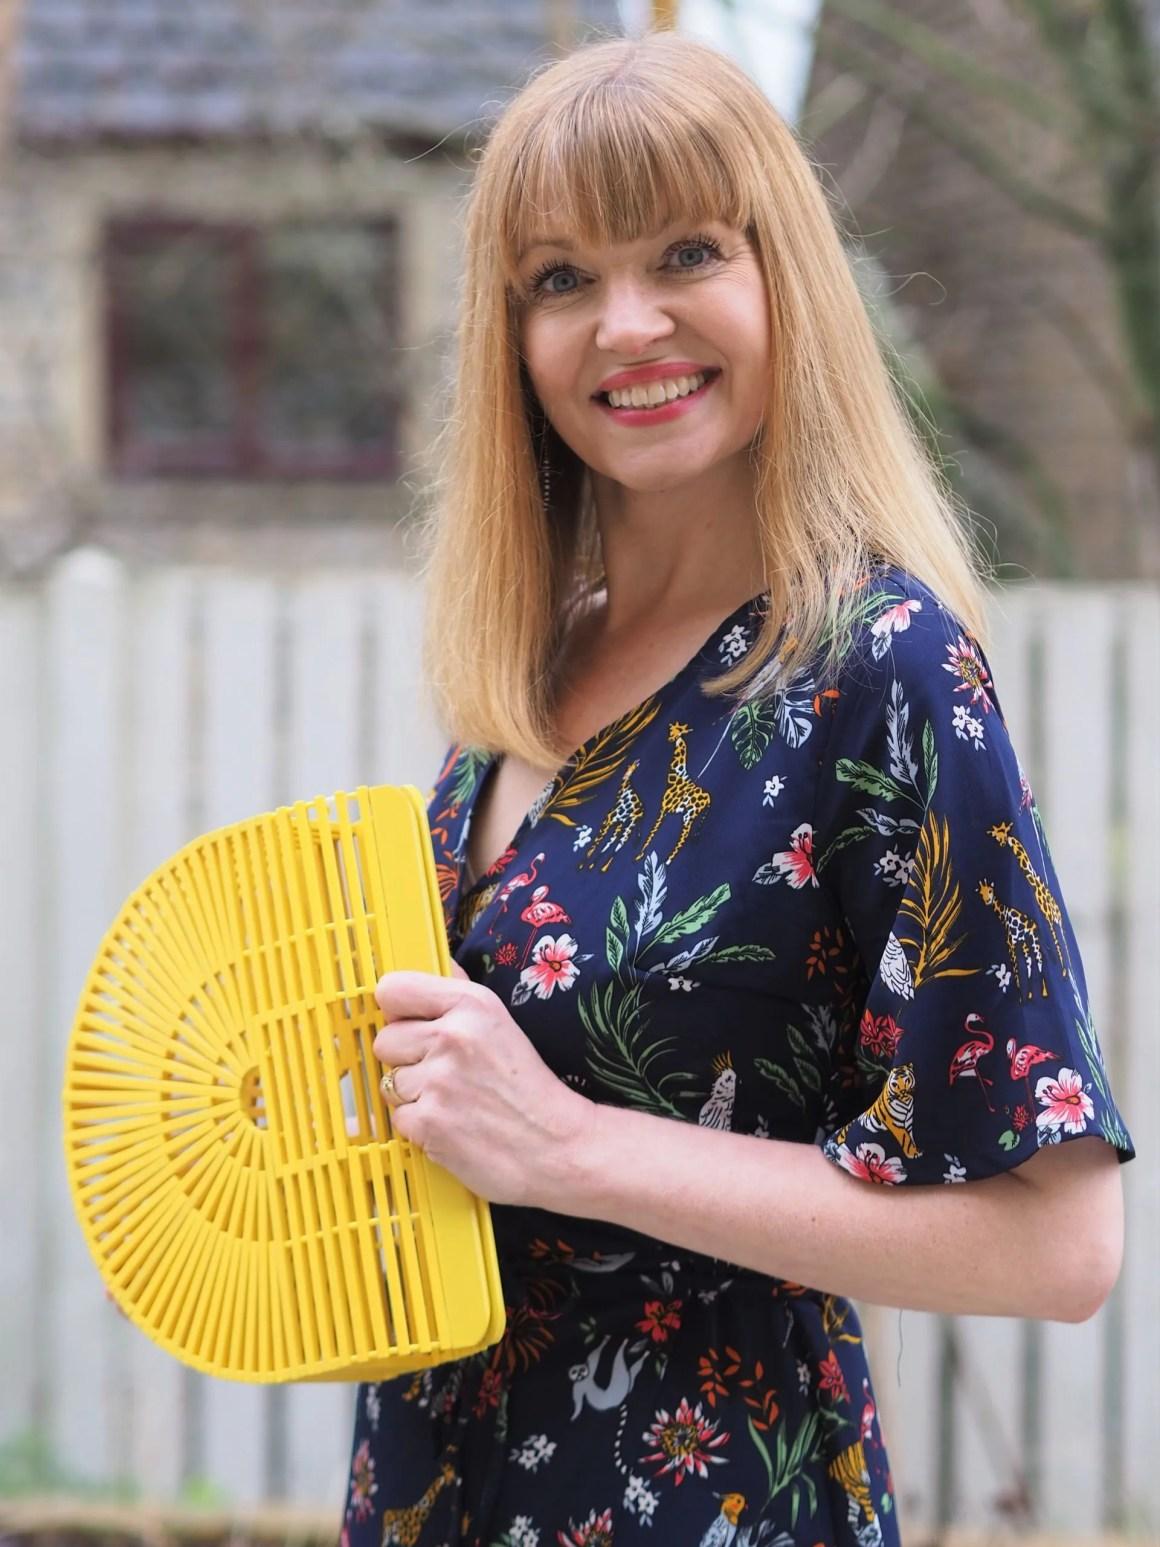 yellow woodwn handbag semi-circular shape